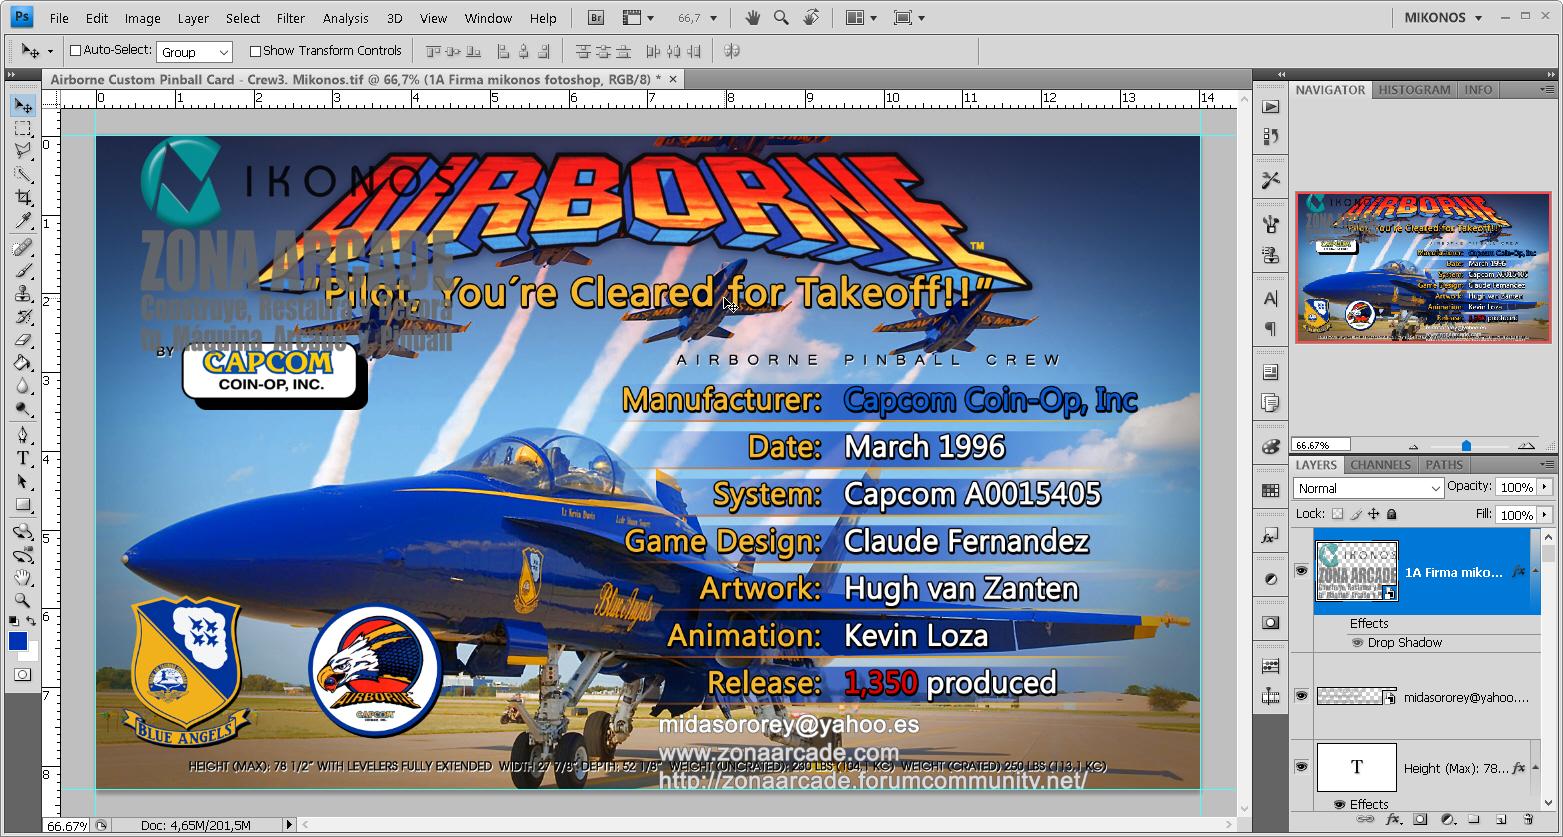 Airborne%20Custom%20Pinball%20Card%20-%20Crew.%20Mikonos1.jpg